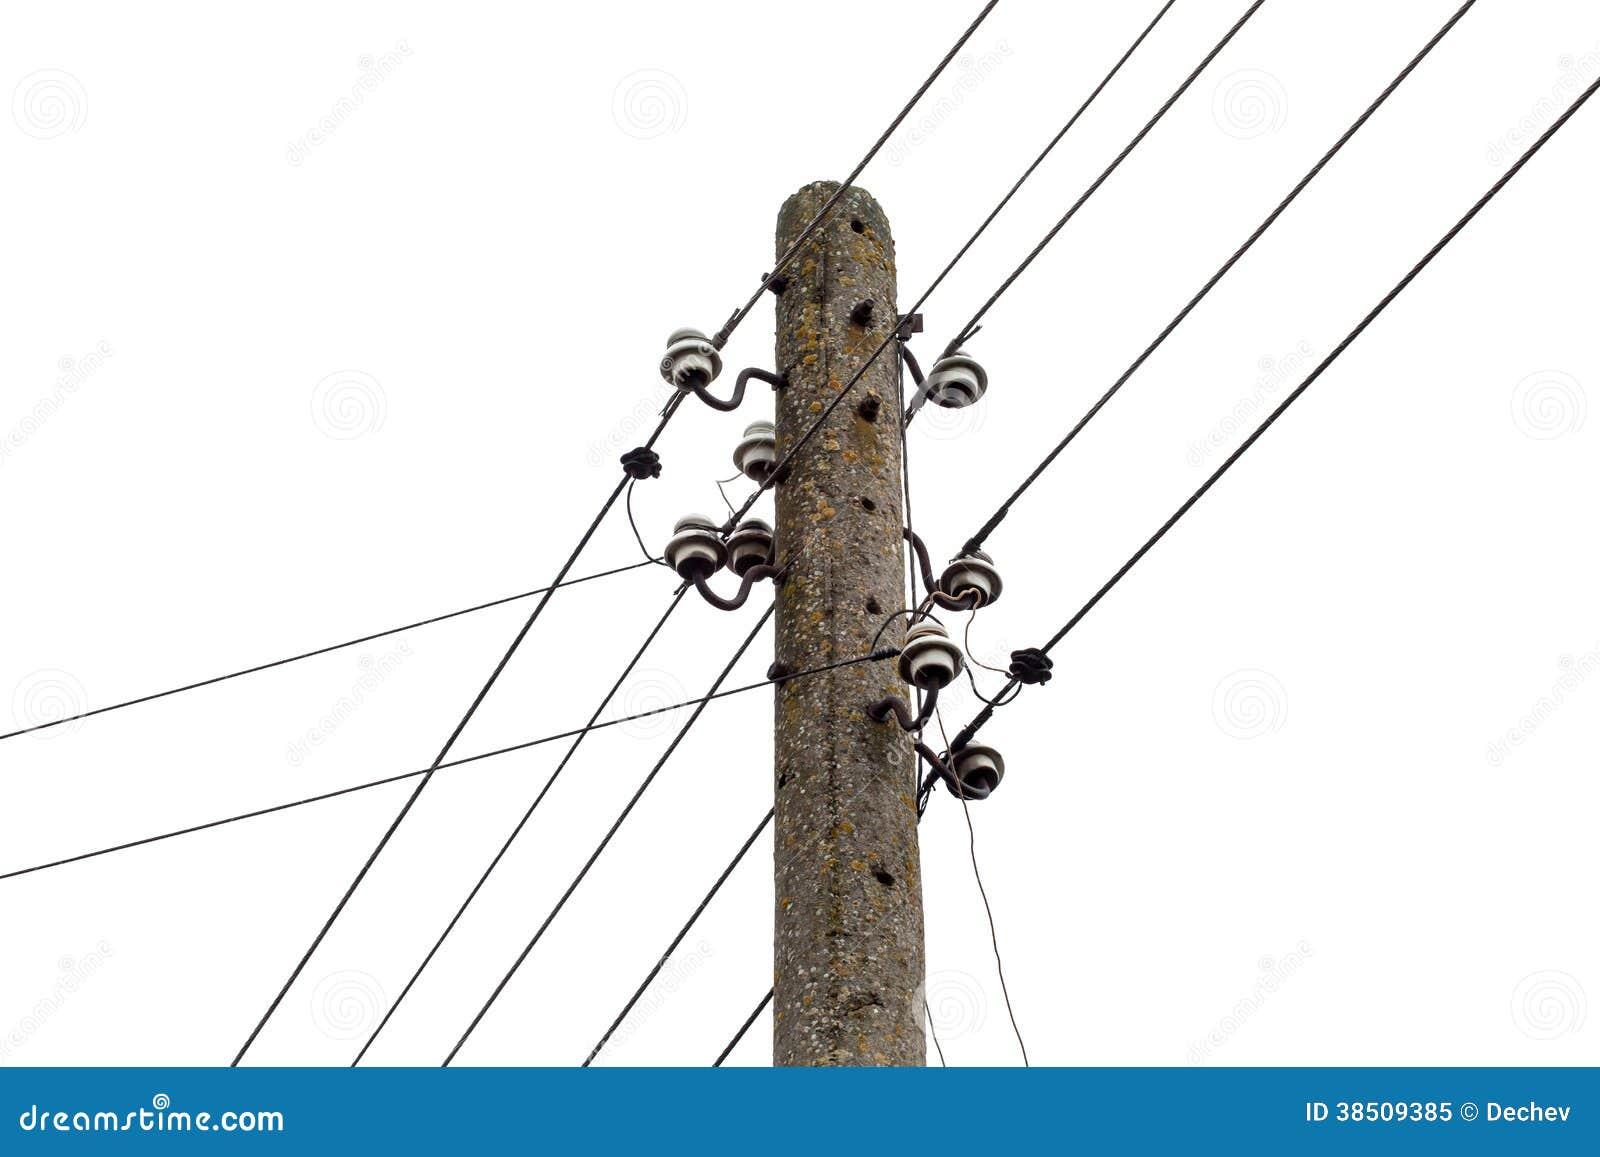 Strombeitrag mit Drahtlinien. Elektrische Verteilung der Energie